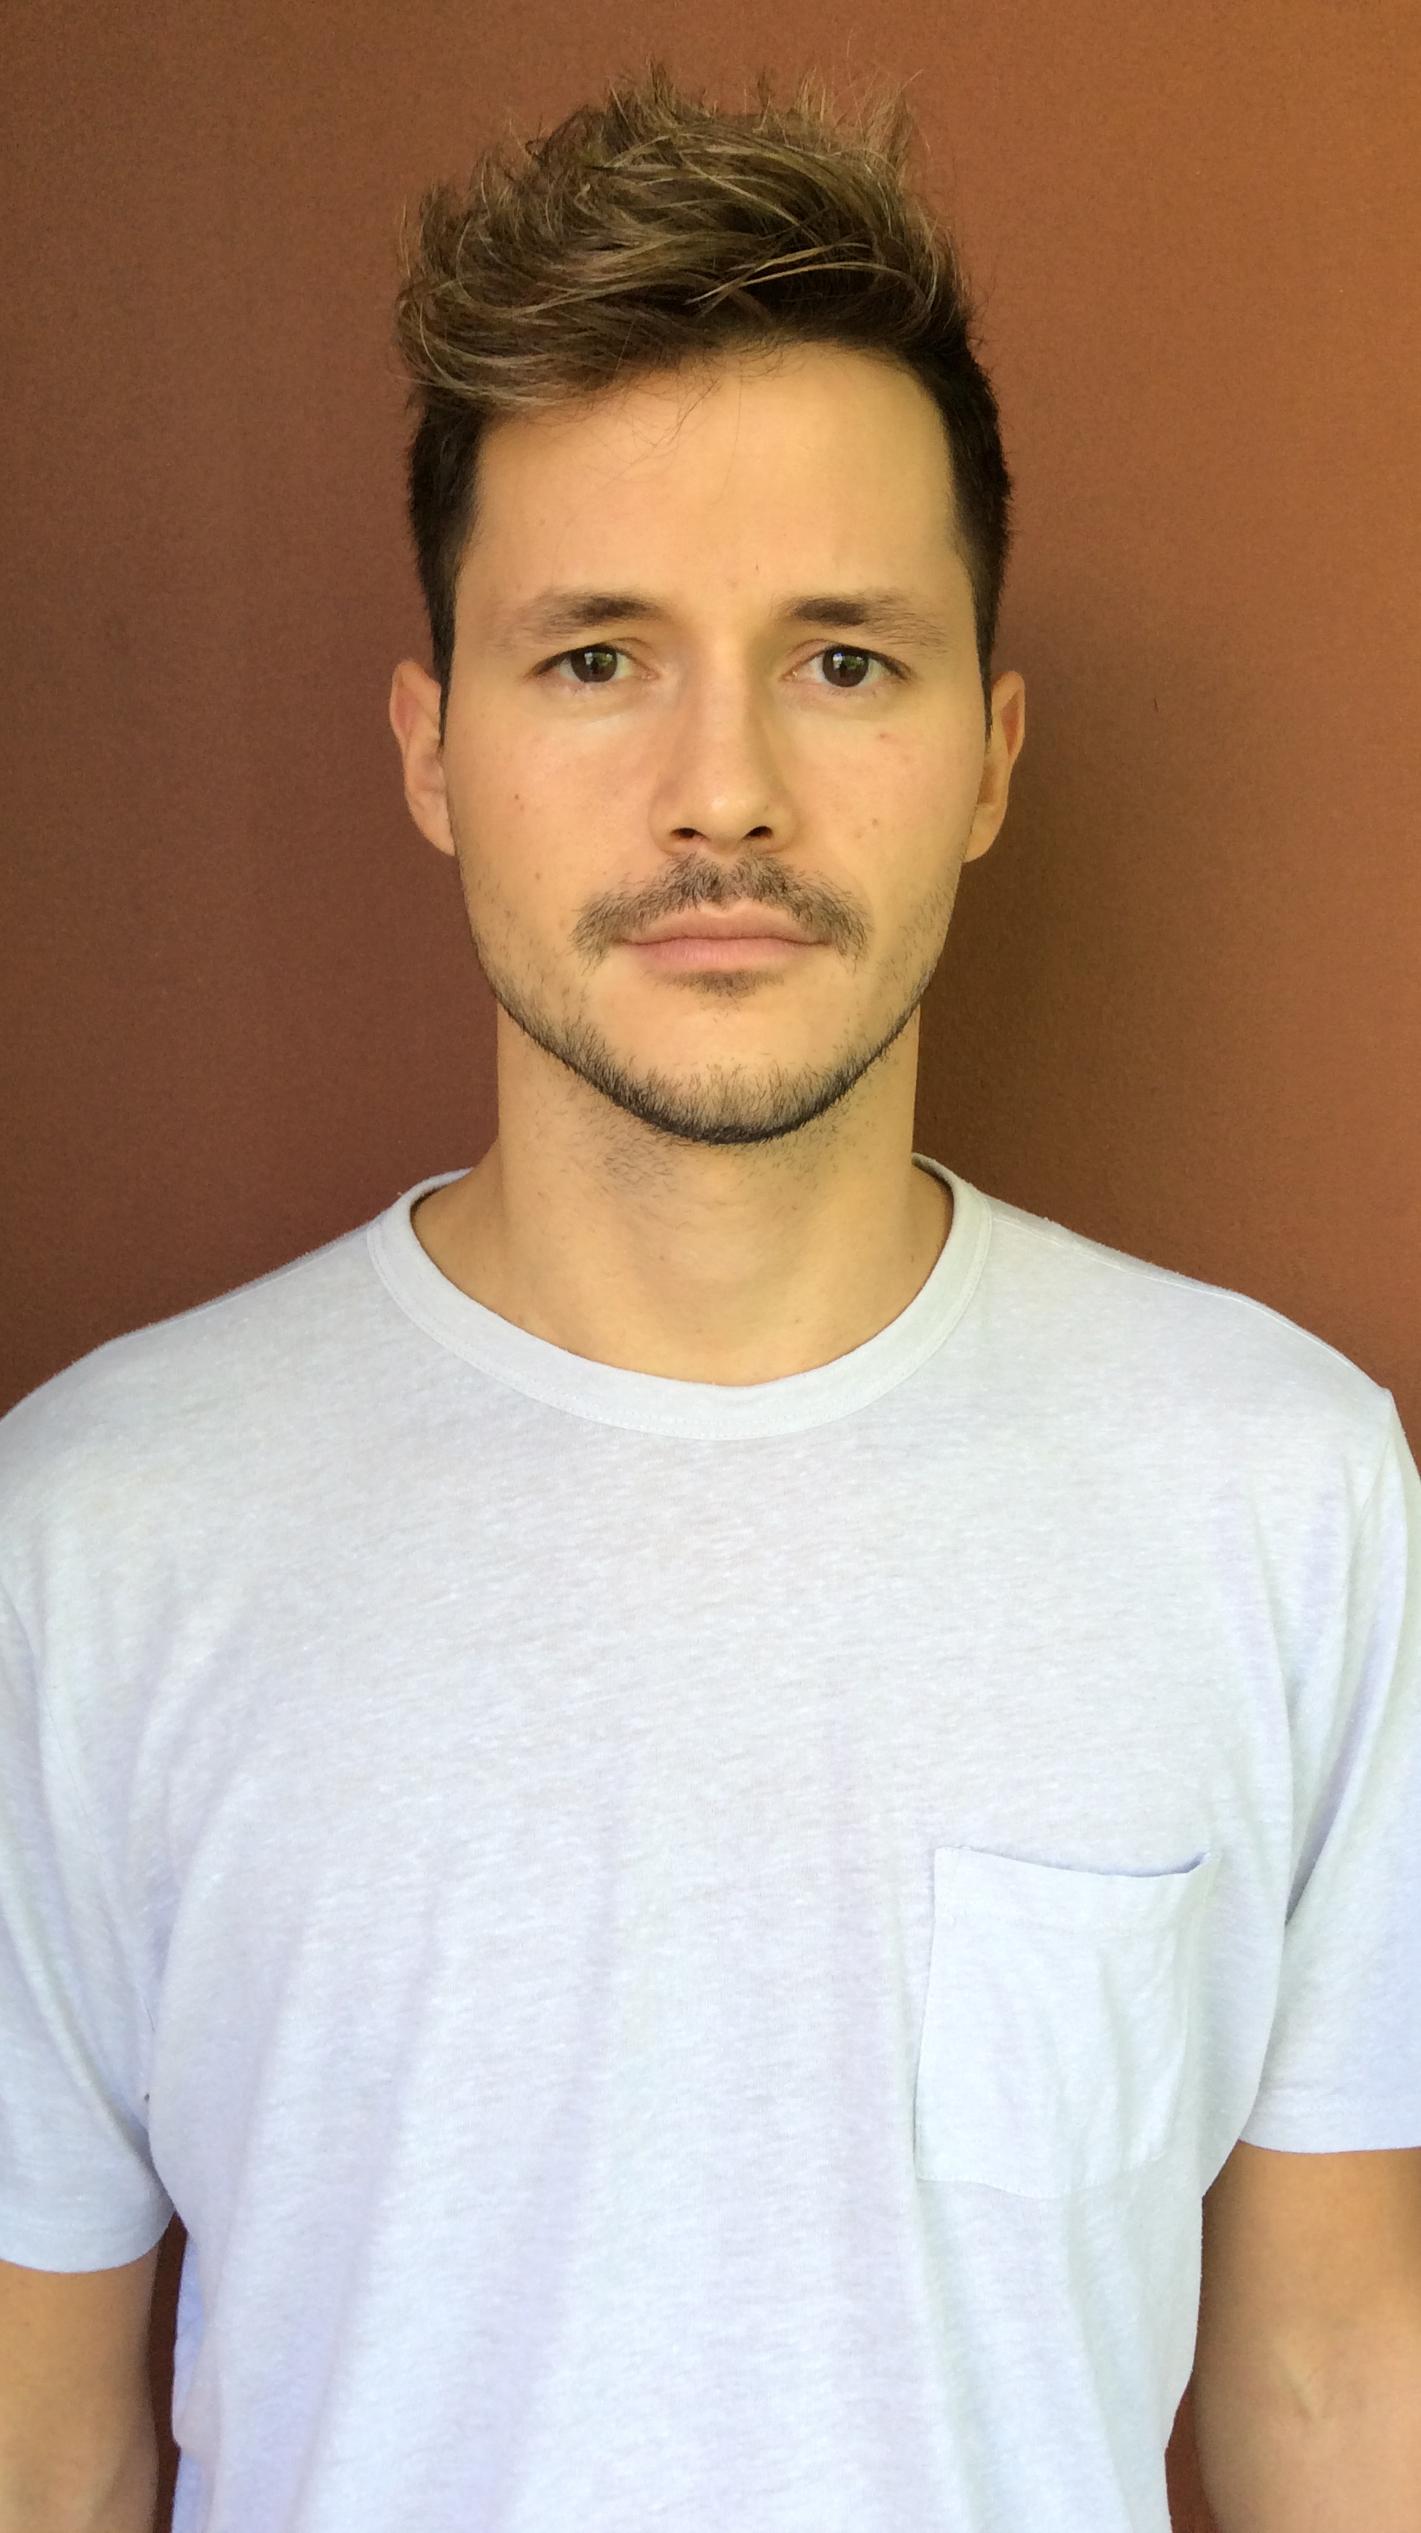 Alexandros Koukos